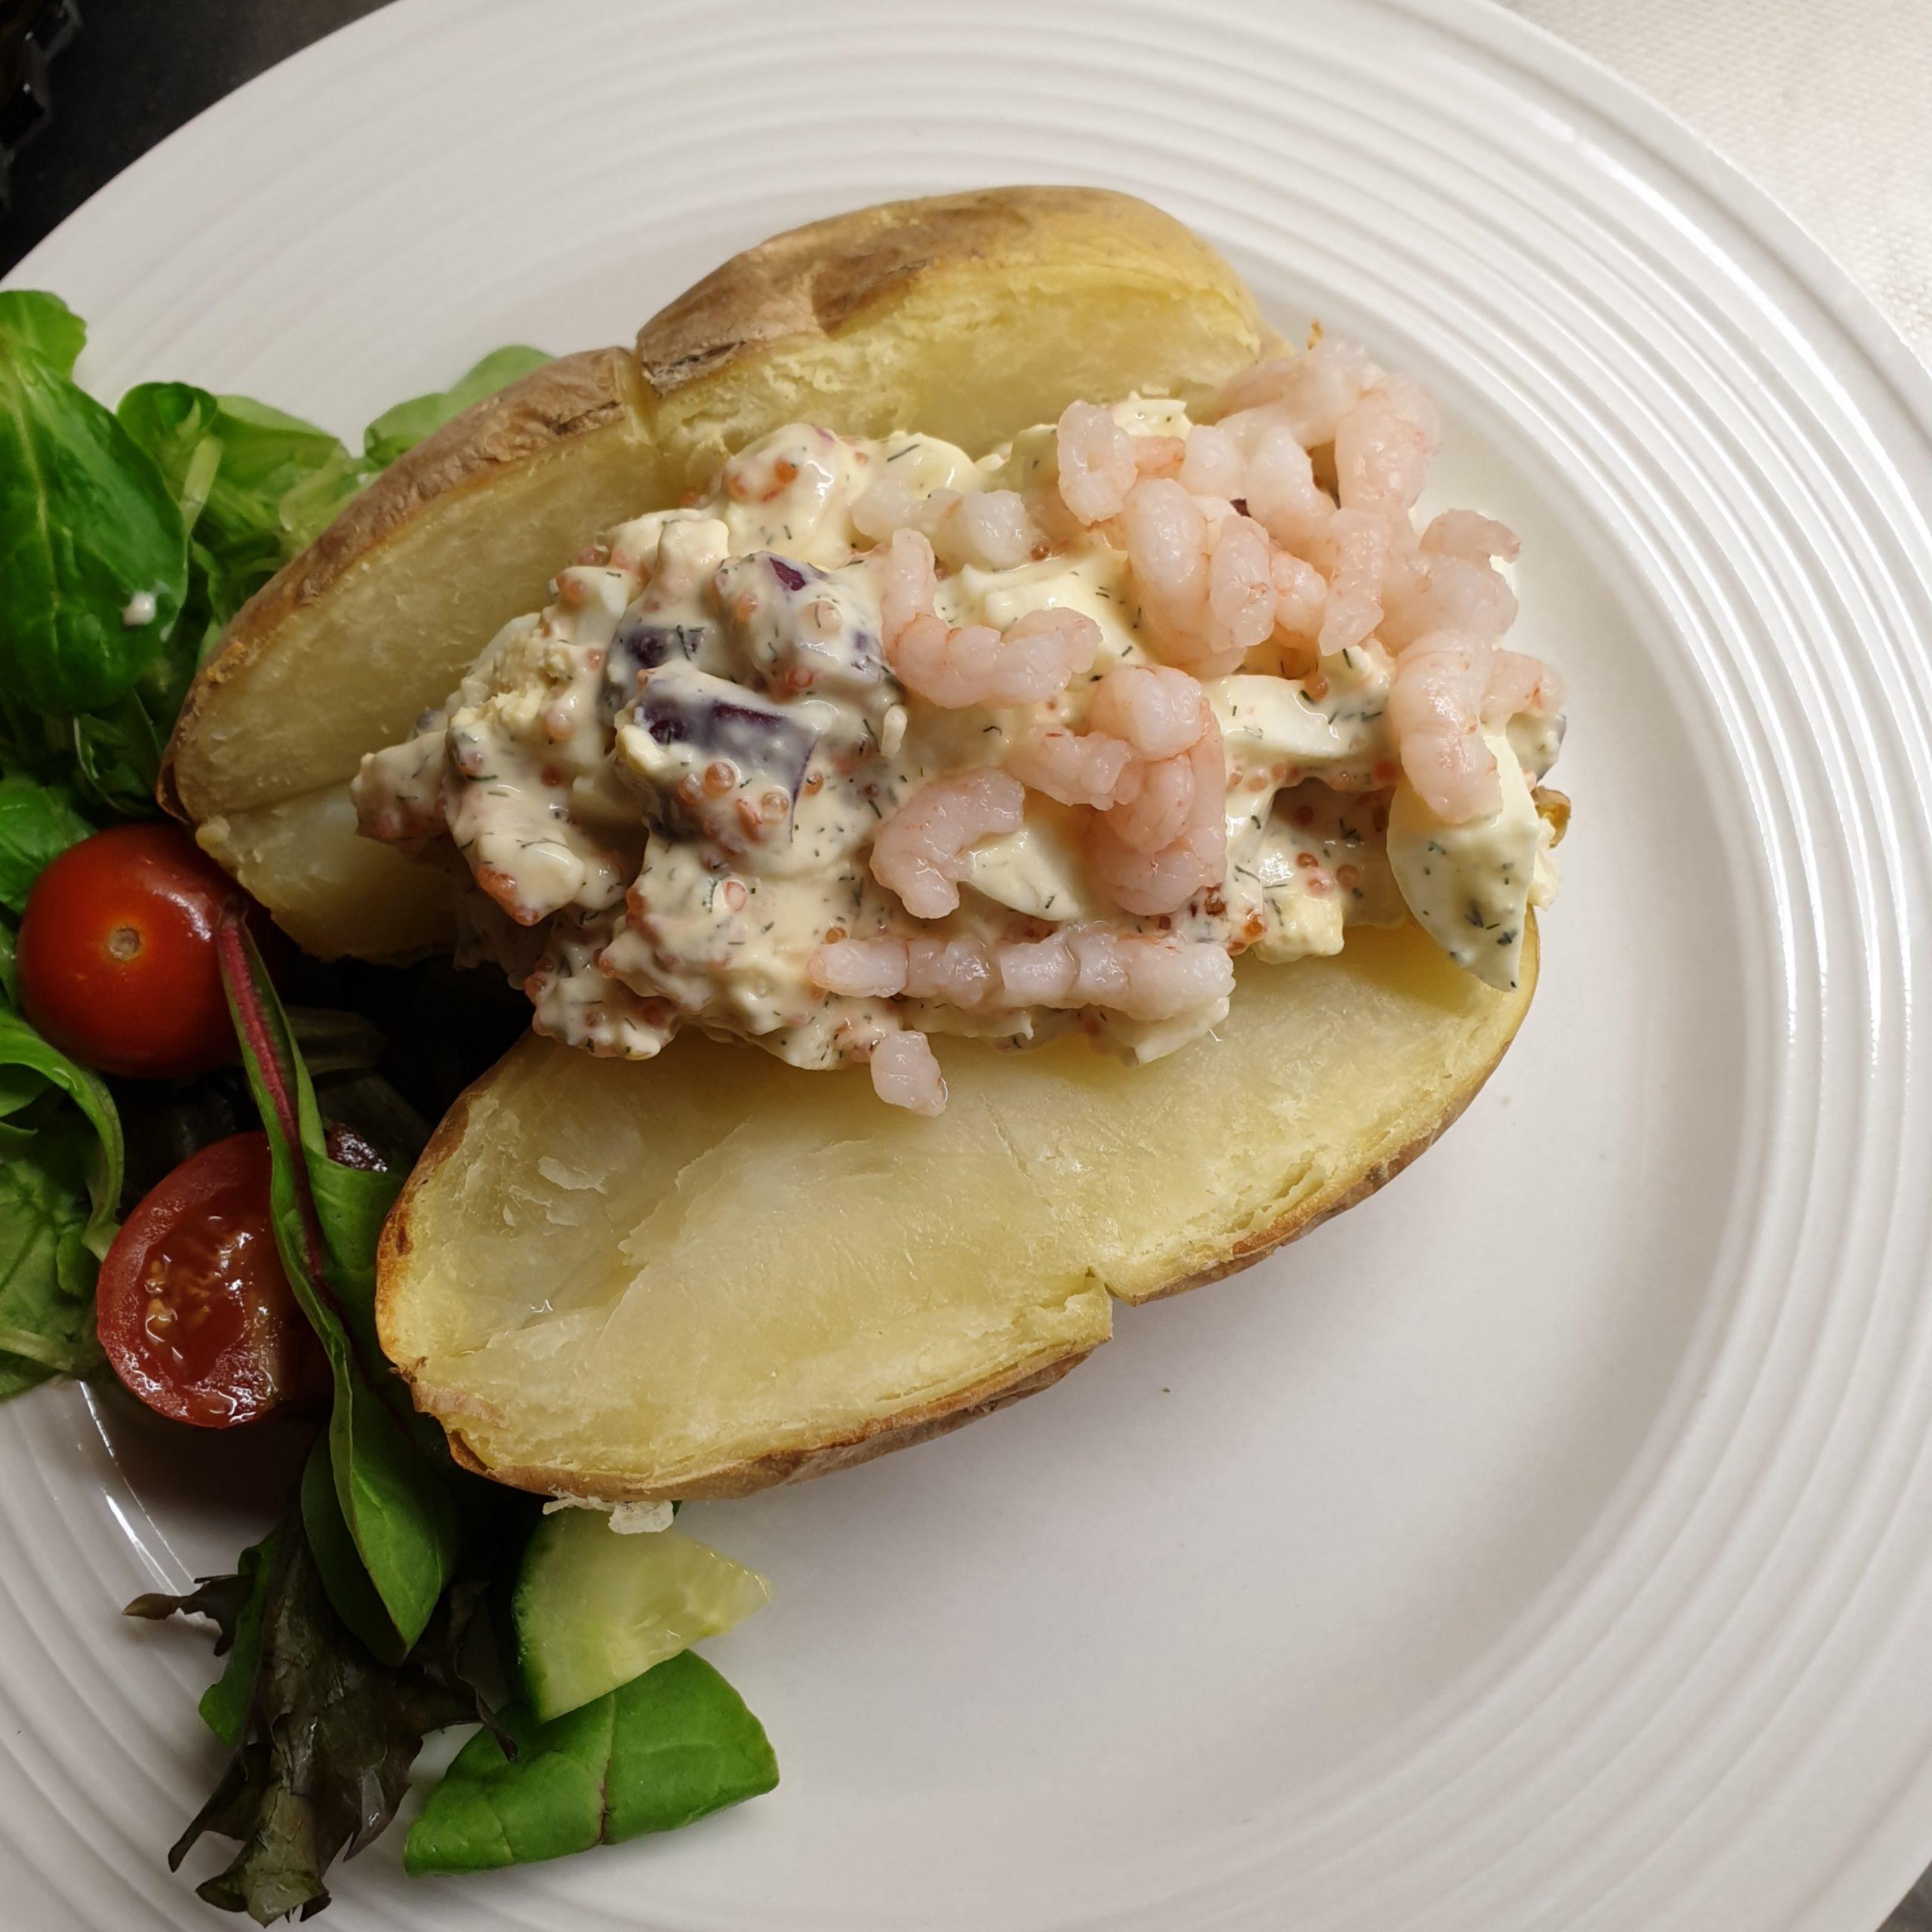 Bakad potatis med räk- och romröra (3SP lila